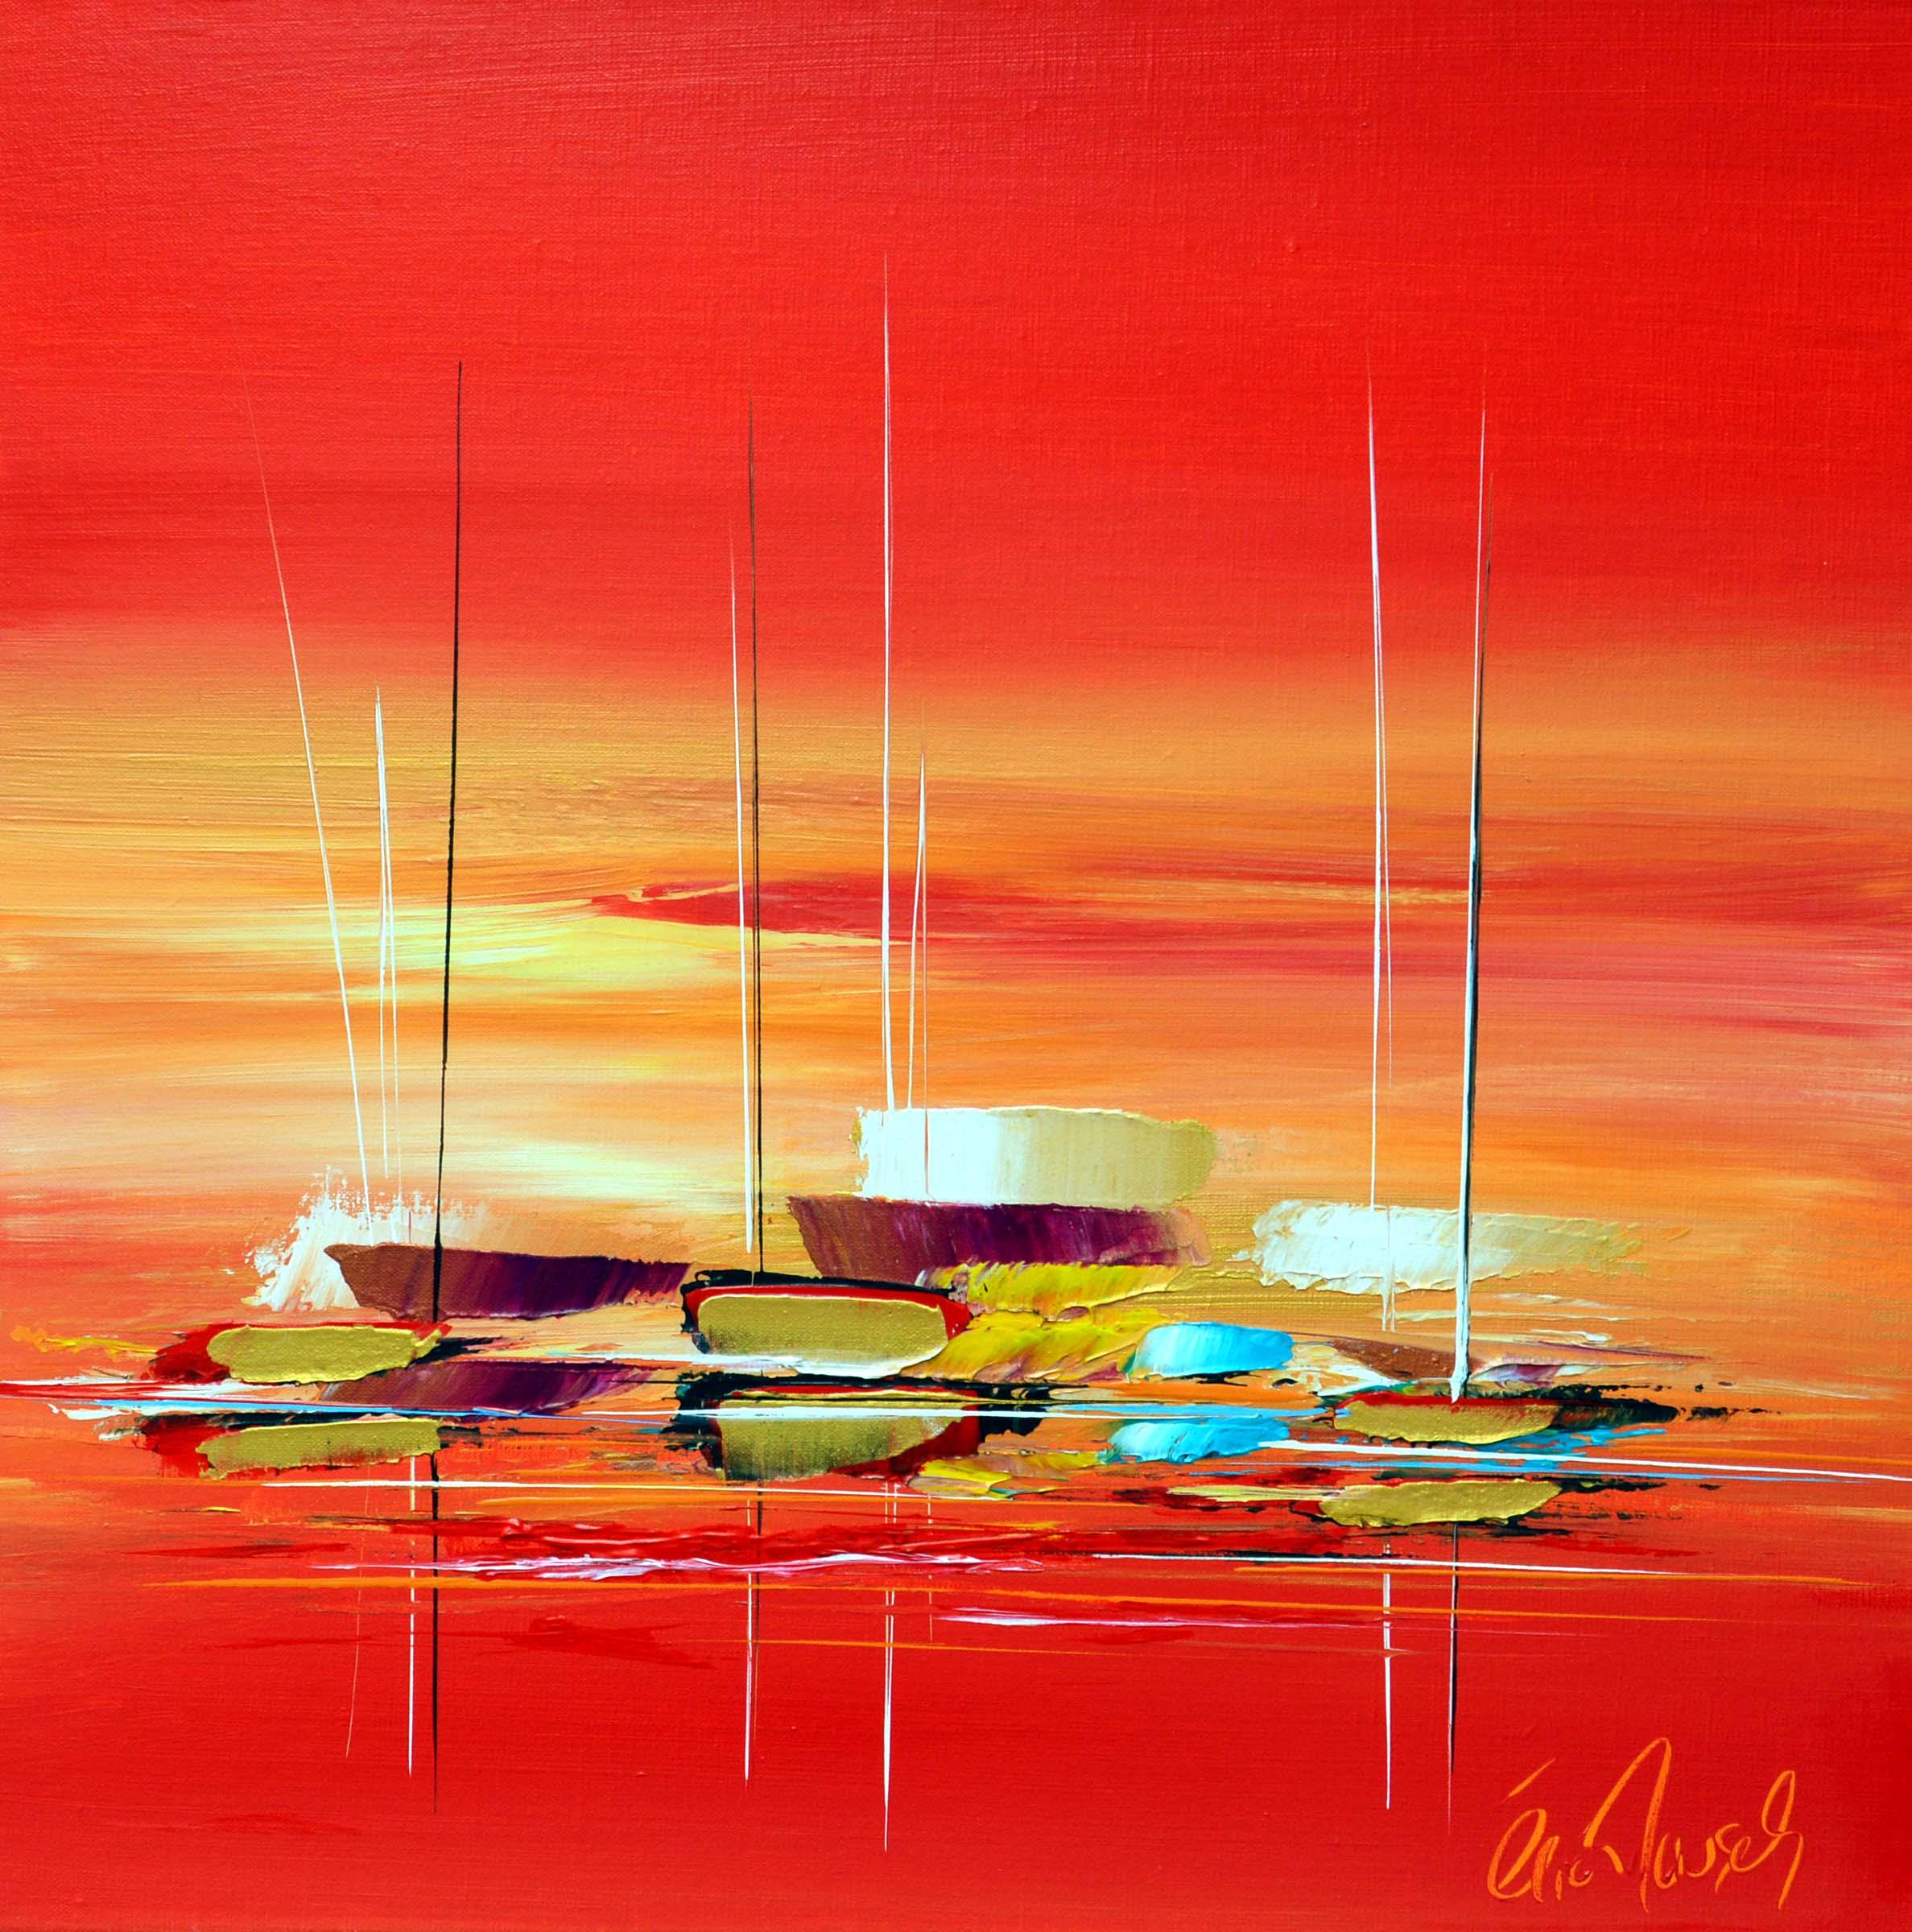 Paisible étendue - Acrylique sur toile - 60x60 cm